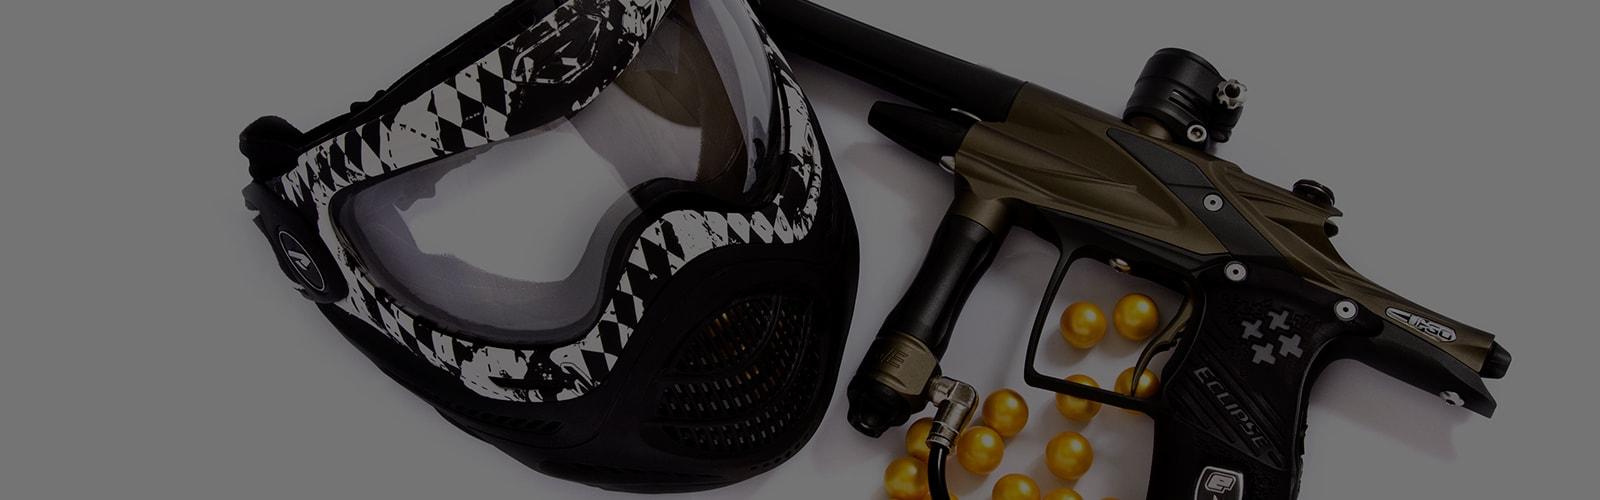 Личное оборудование для пейнтбола